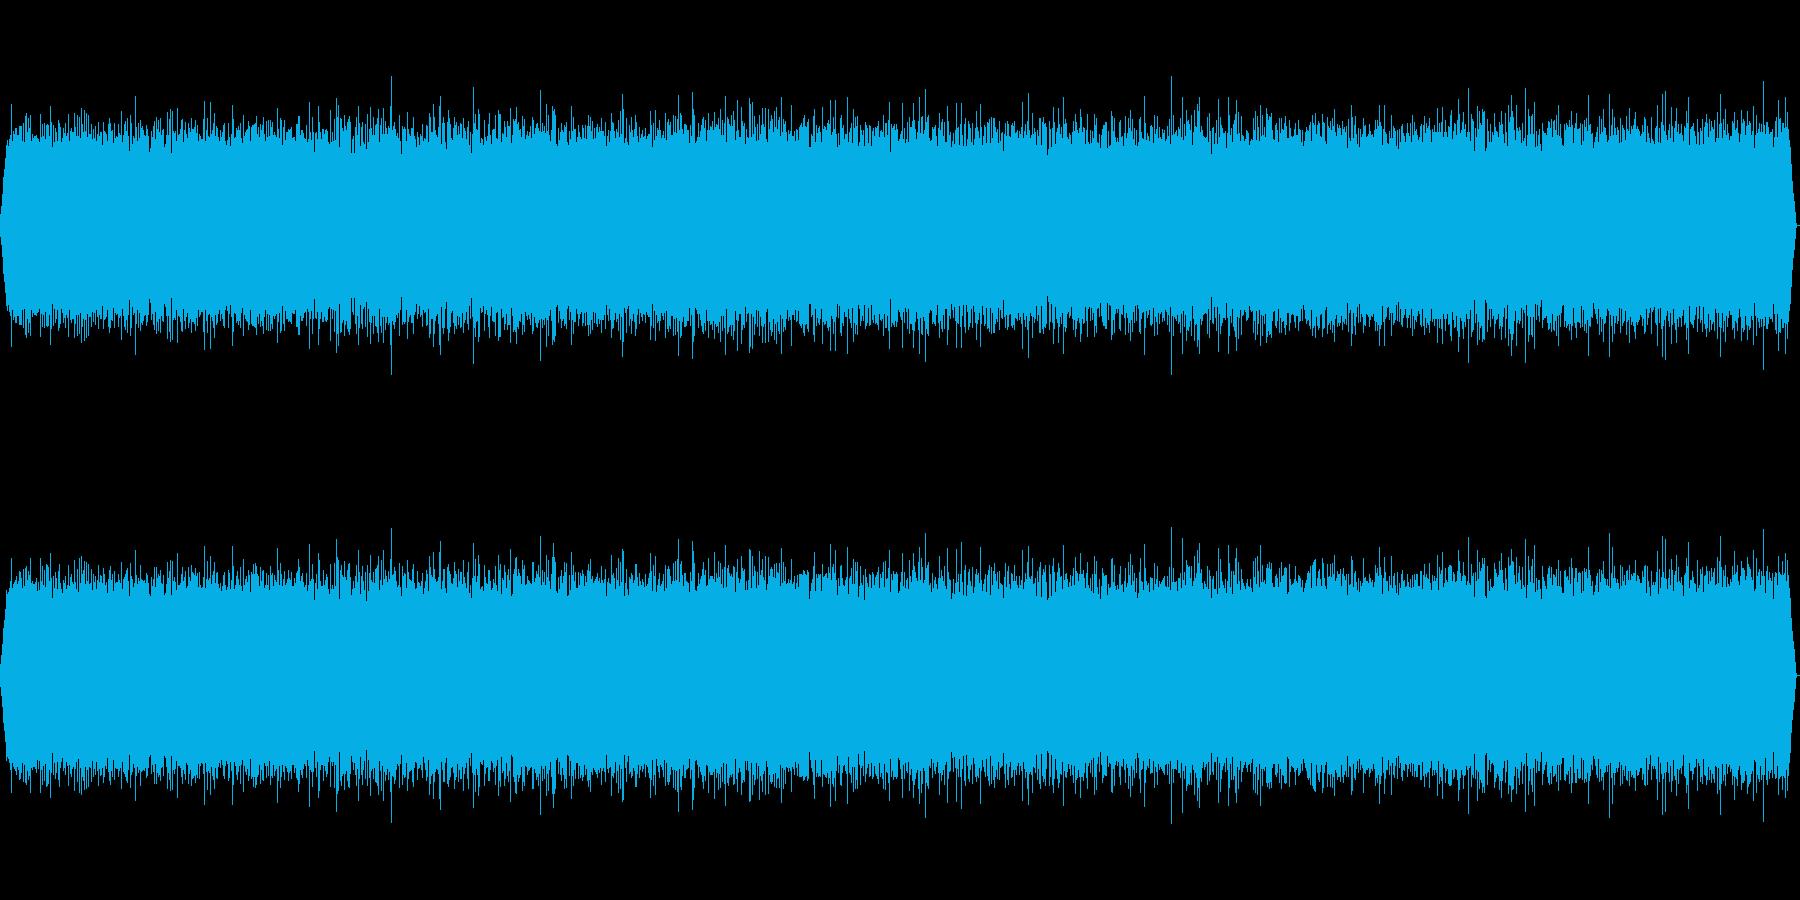 【ザー】ホワイトノイズの再生済みの波形